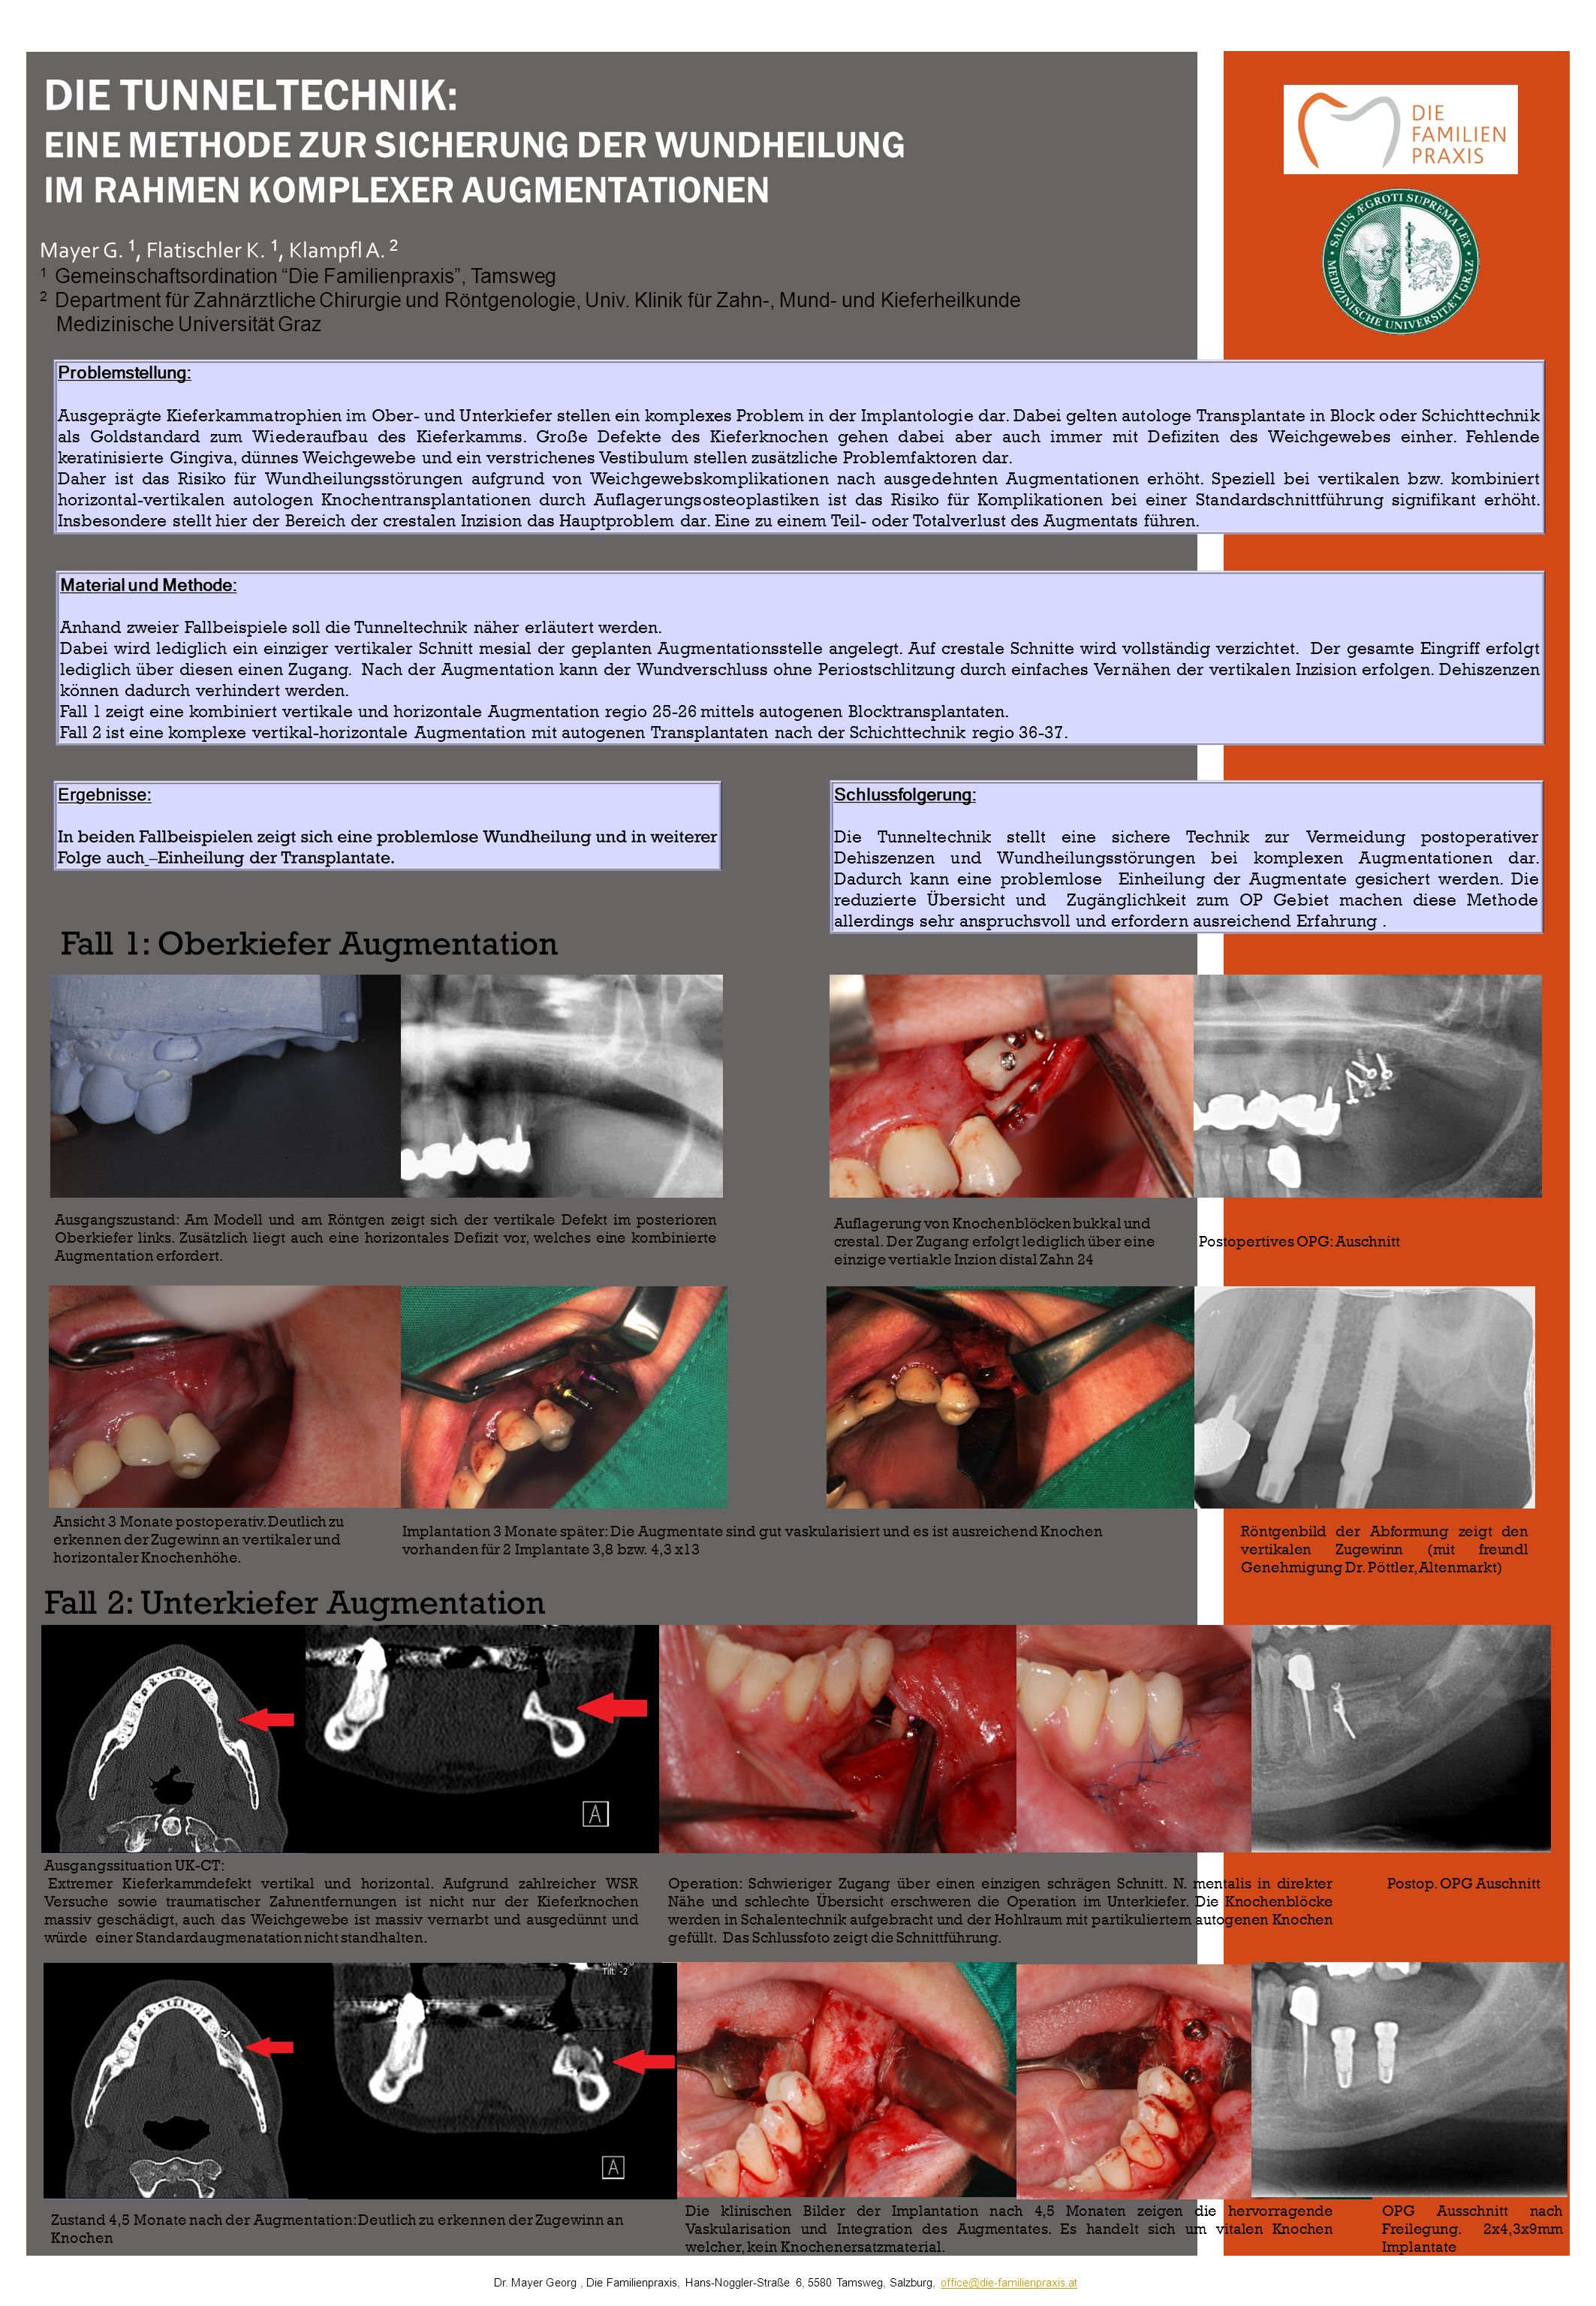 Problemstellung: Ausgeprägte Kieferkammatrophien im Ober- und Unterkiefer stellen ein komplexes Problem in der Implantologie dar.